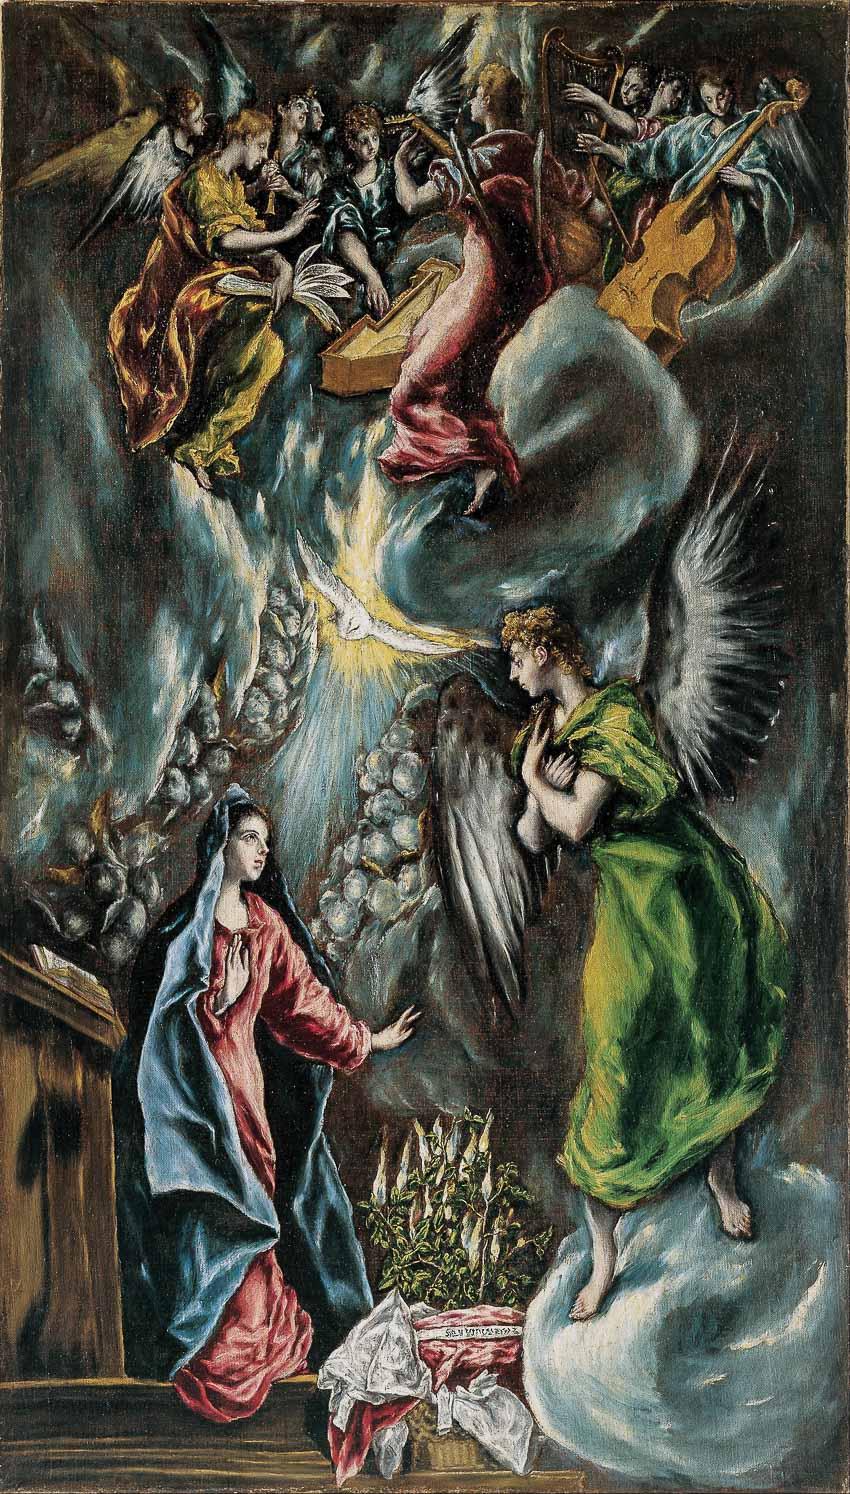 Triển lãm kiệt tác hội họa Tây Ban Nha tại Texas